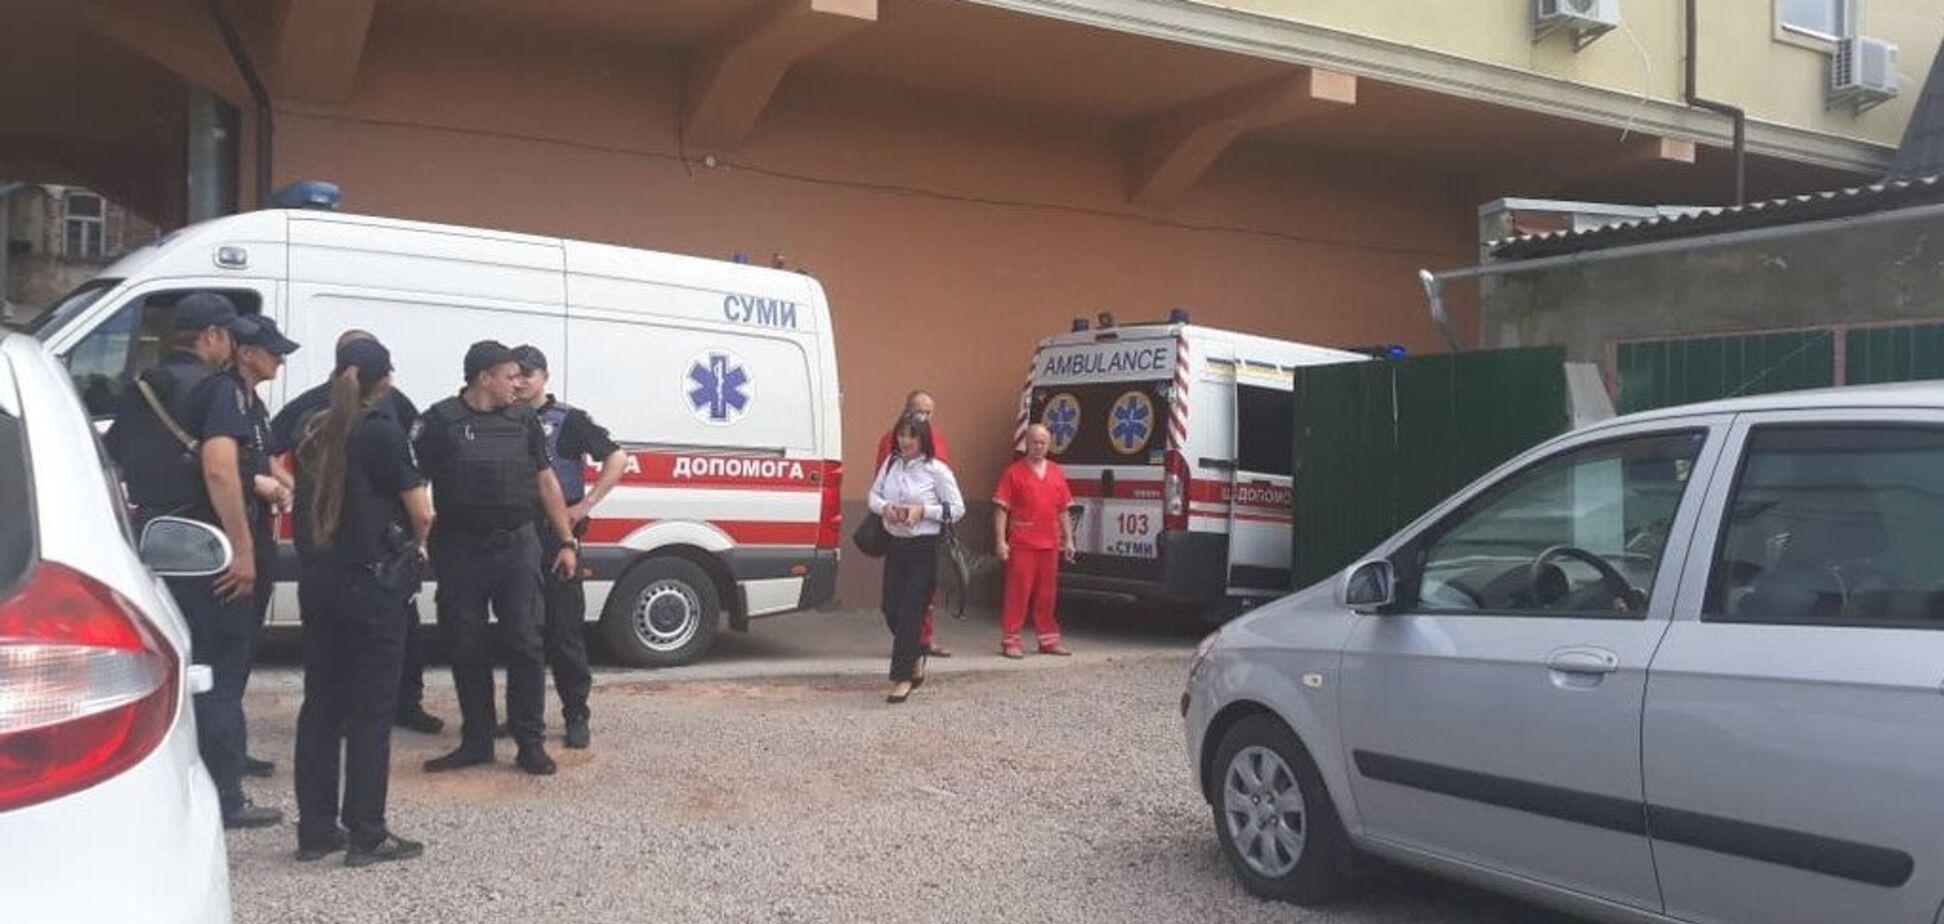 В центре Сум женщина устроила кровавую стрельбу и ранила ребенка: фото и видео